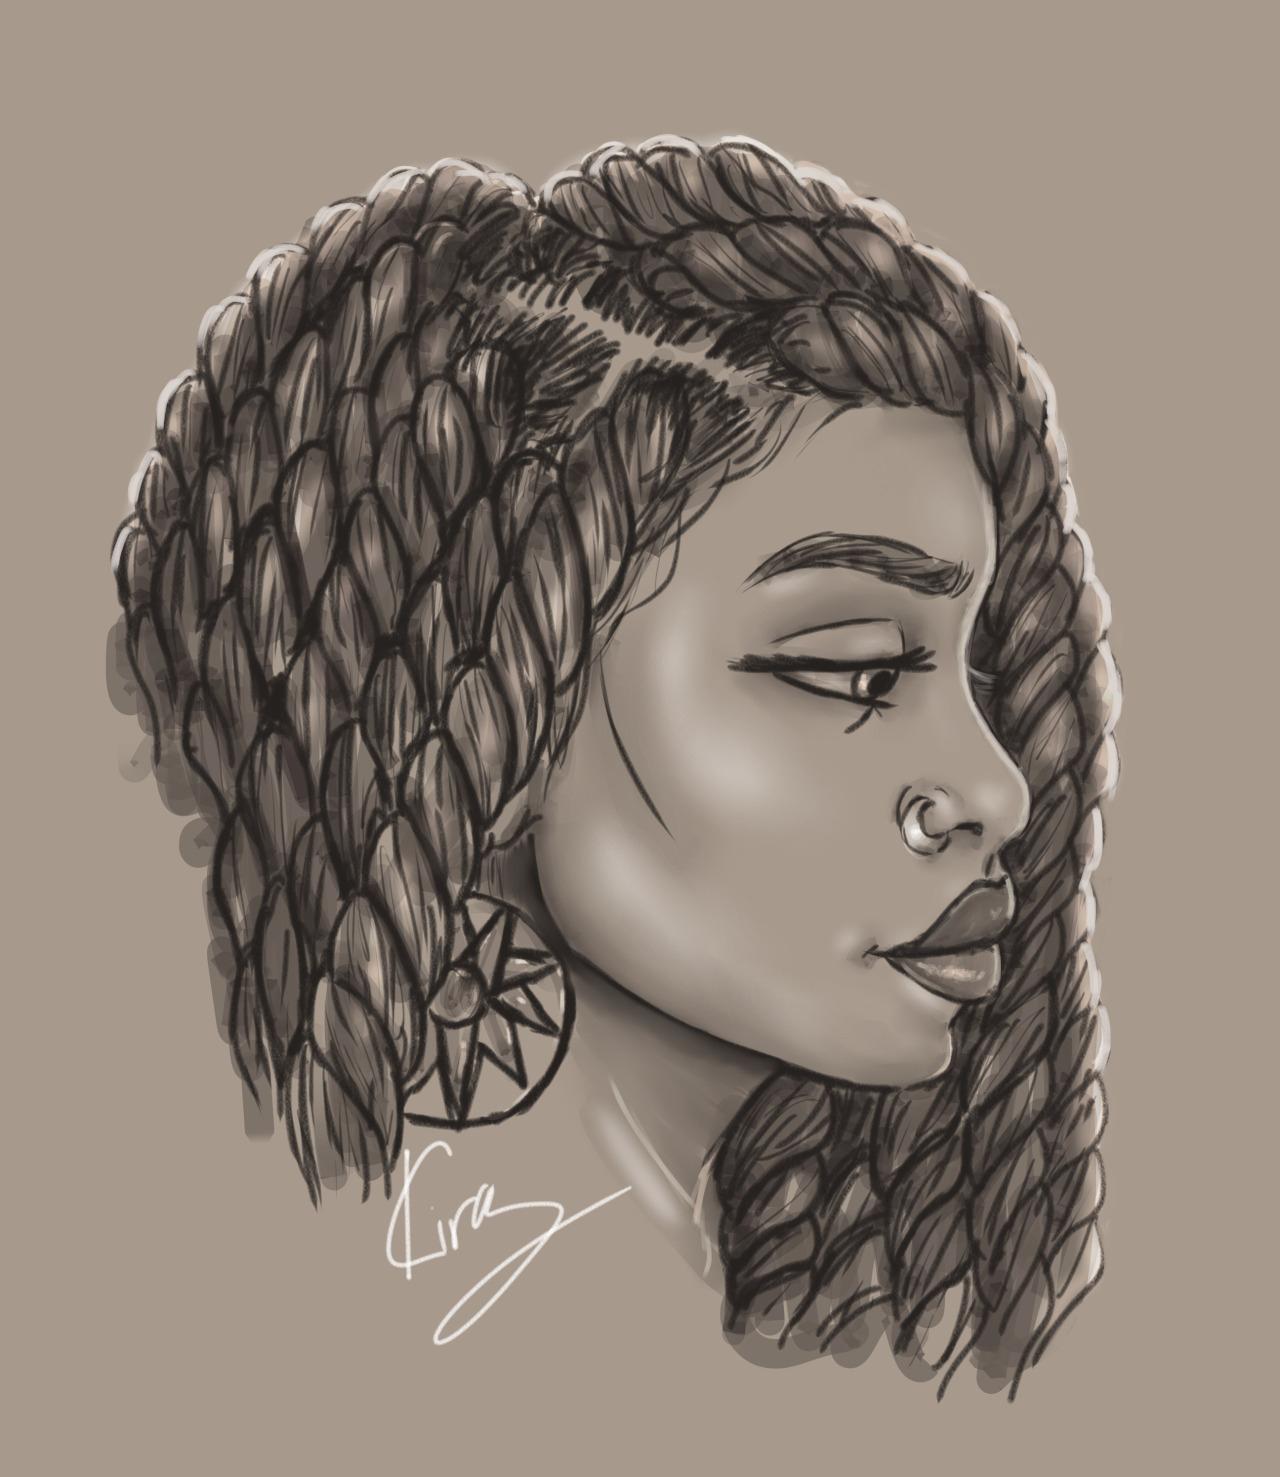 1280x1477 Black Woman Drawing Drawn Woman Afro